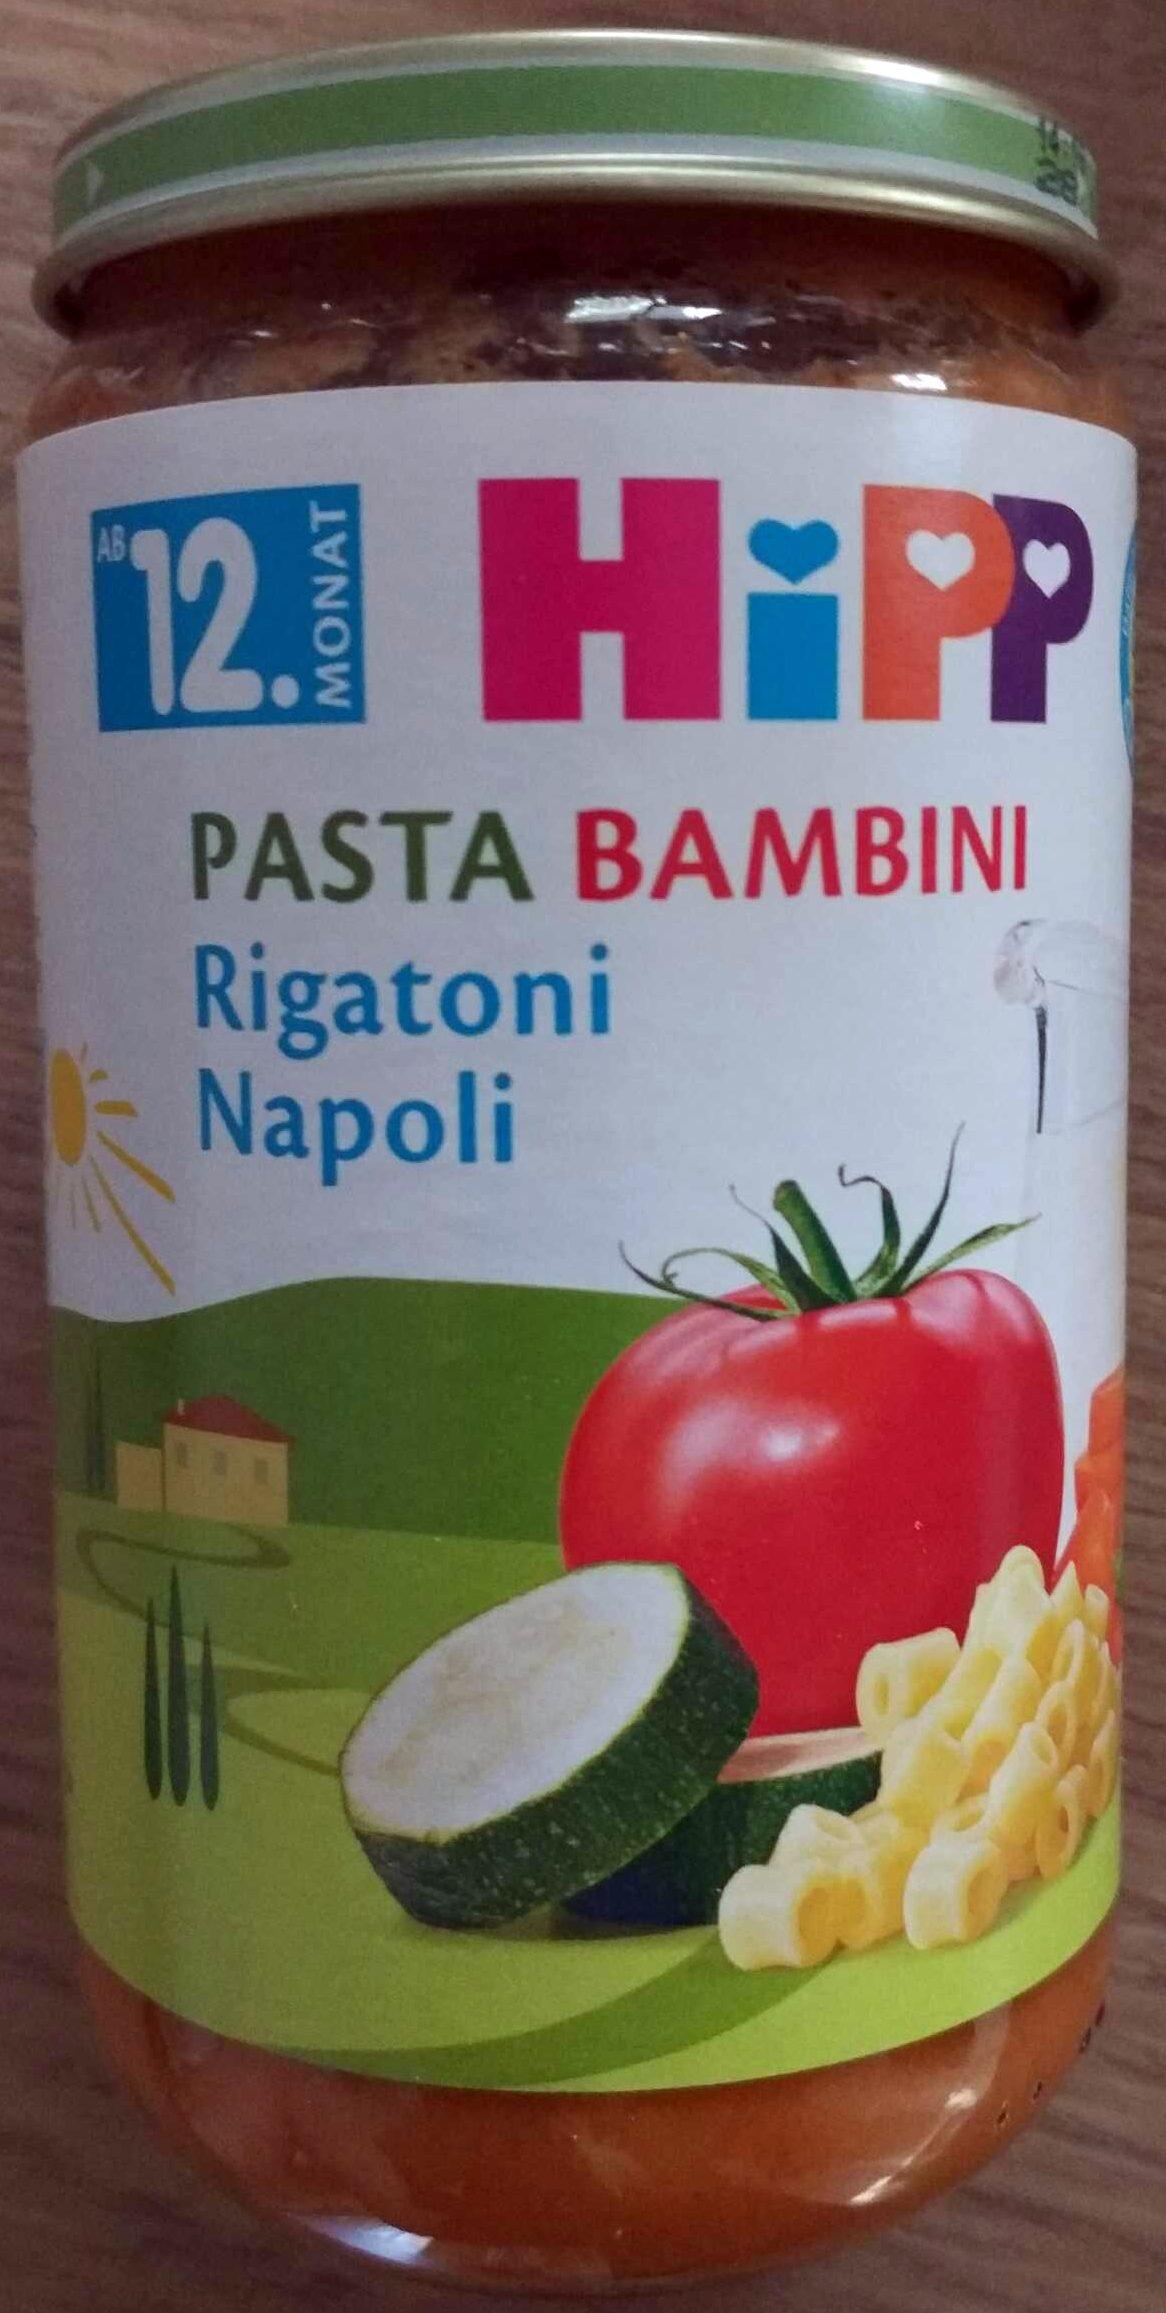 Pasta Bambini Rigatoni Napoli - Produkt